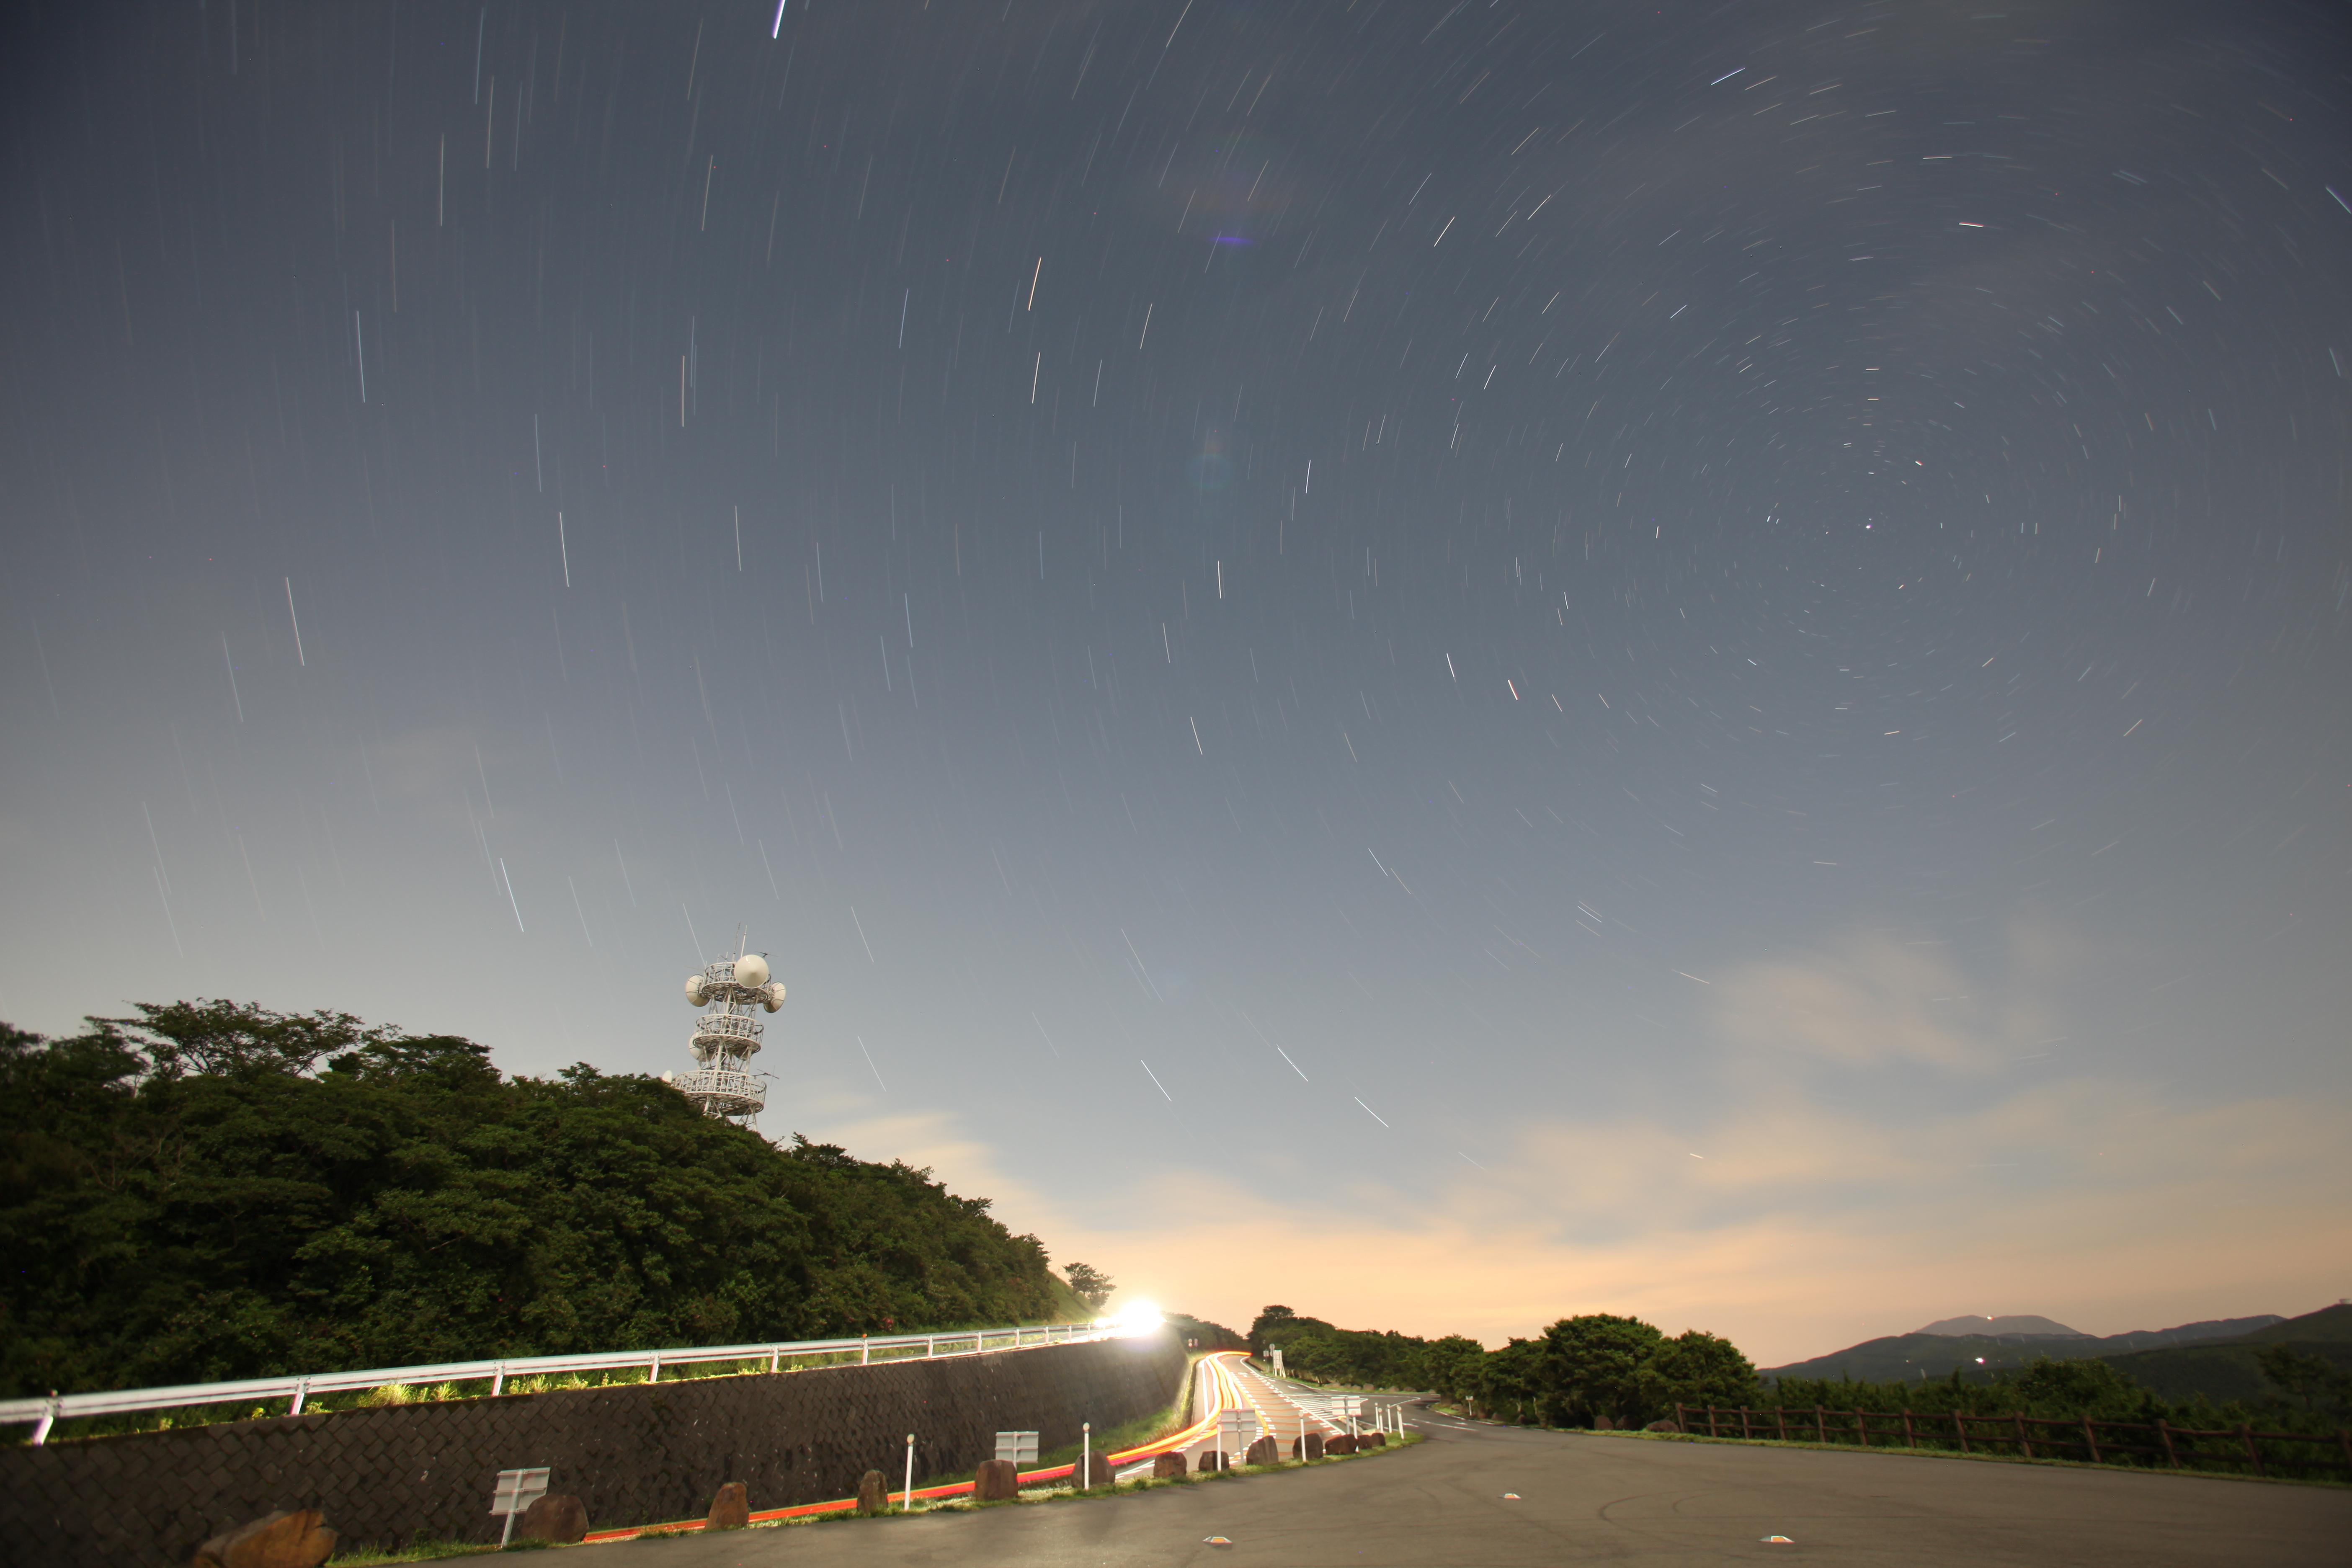 <b>上の写真とは反対の方角になる北の空にカメラを向けた。北極星を中心に星が回転している。また北極星から遠ざかるほど星の軌跡が長くなっていることがわかる。</b>